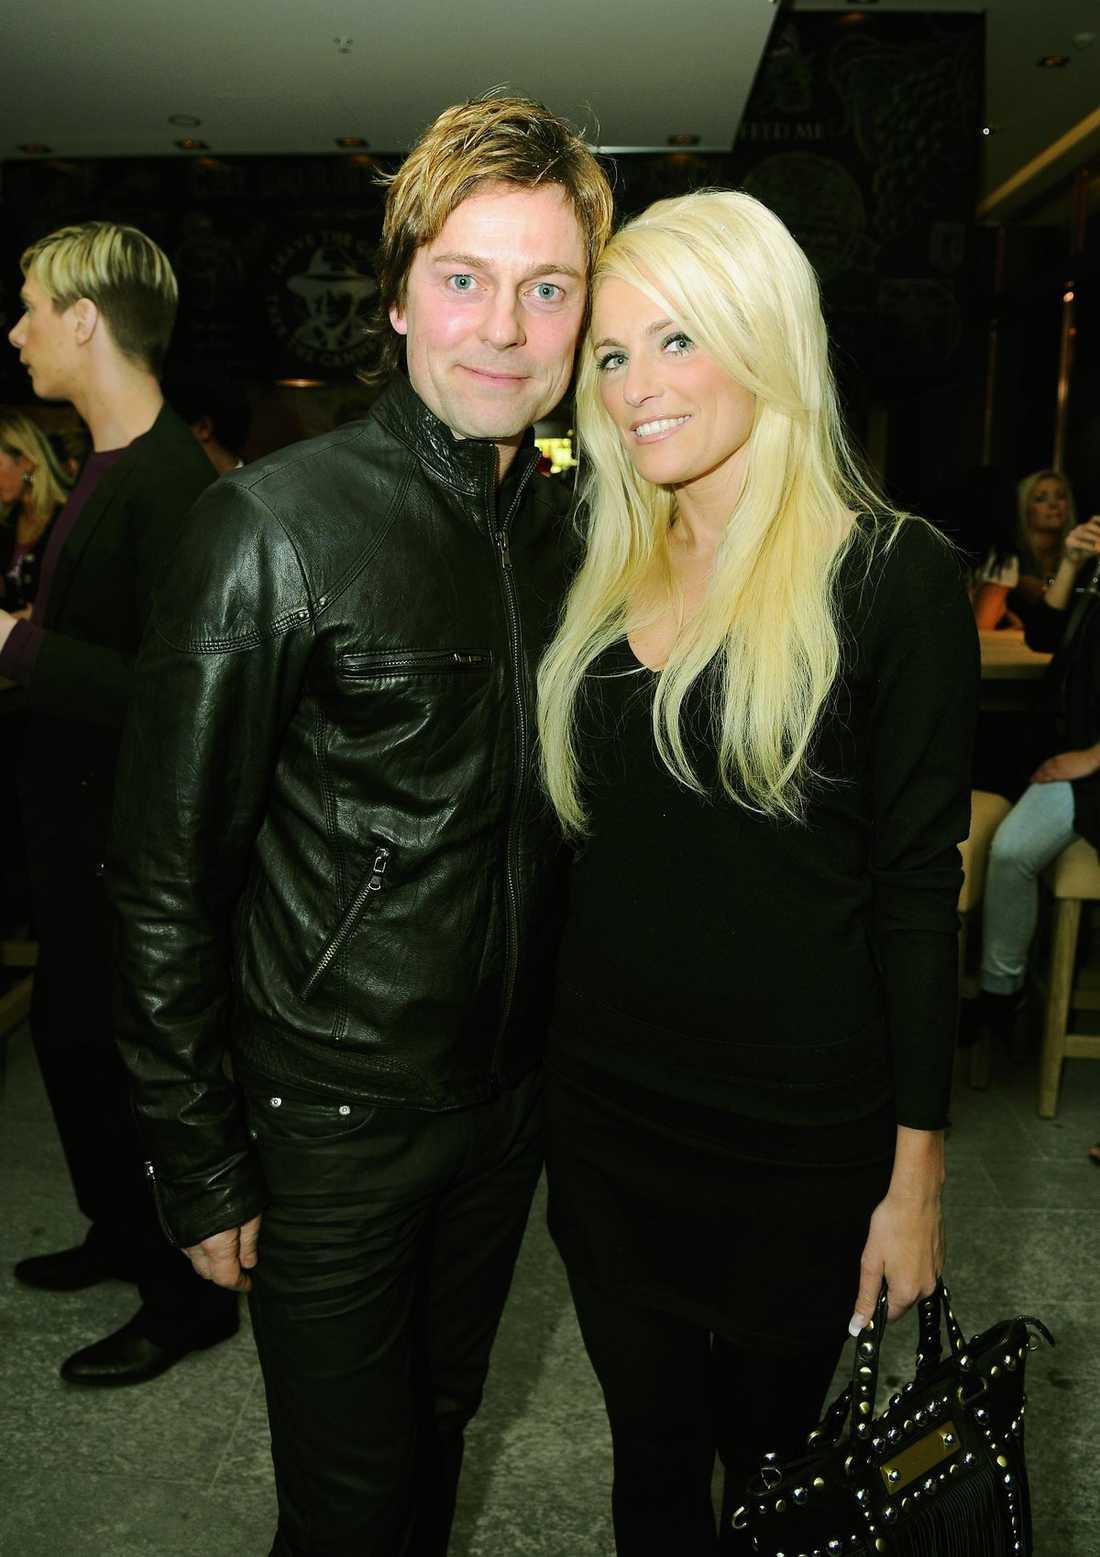 """nykära. Niclas Wahlgren och Laila Bagge träffades under inspelningen av fredagsunderhållningen """"Let's Dance"""" på TV4. """"Det klickade direkt mellan oss"""", säger Laila om första mötet."""